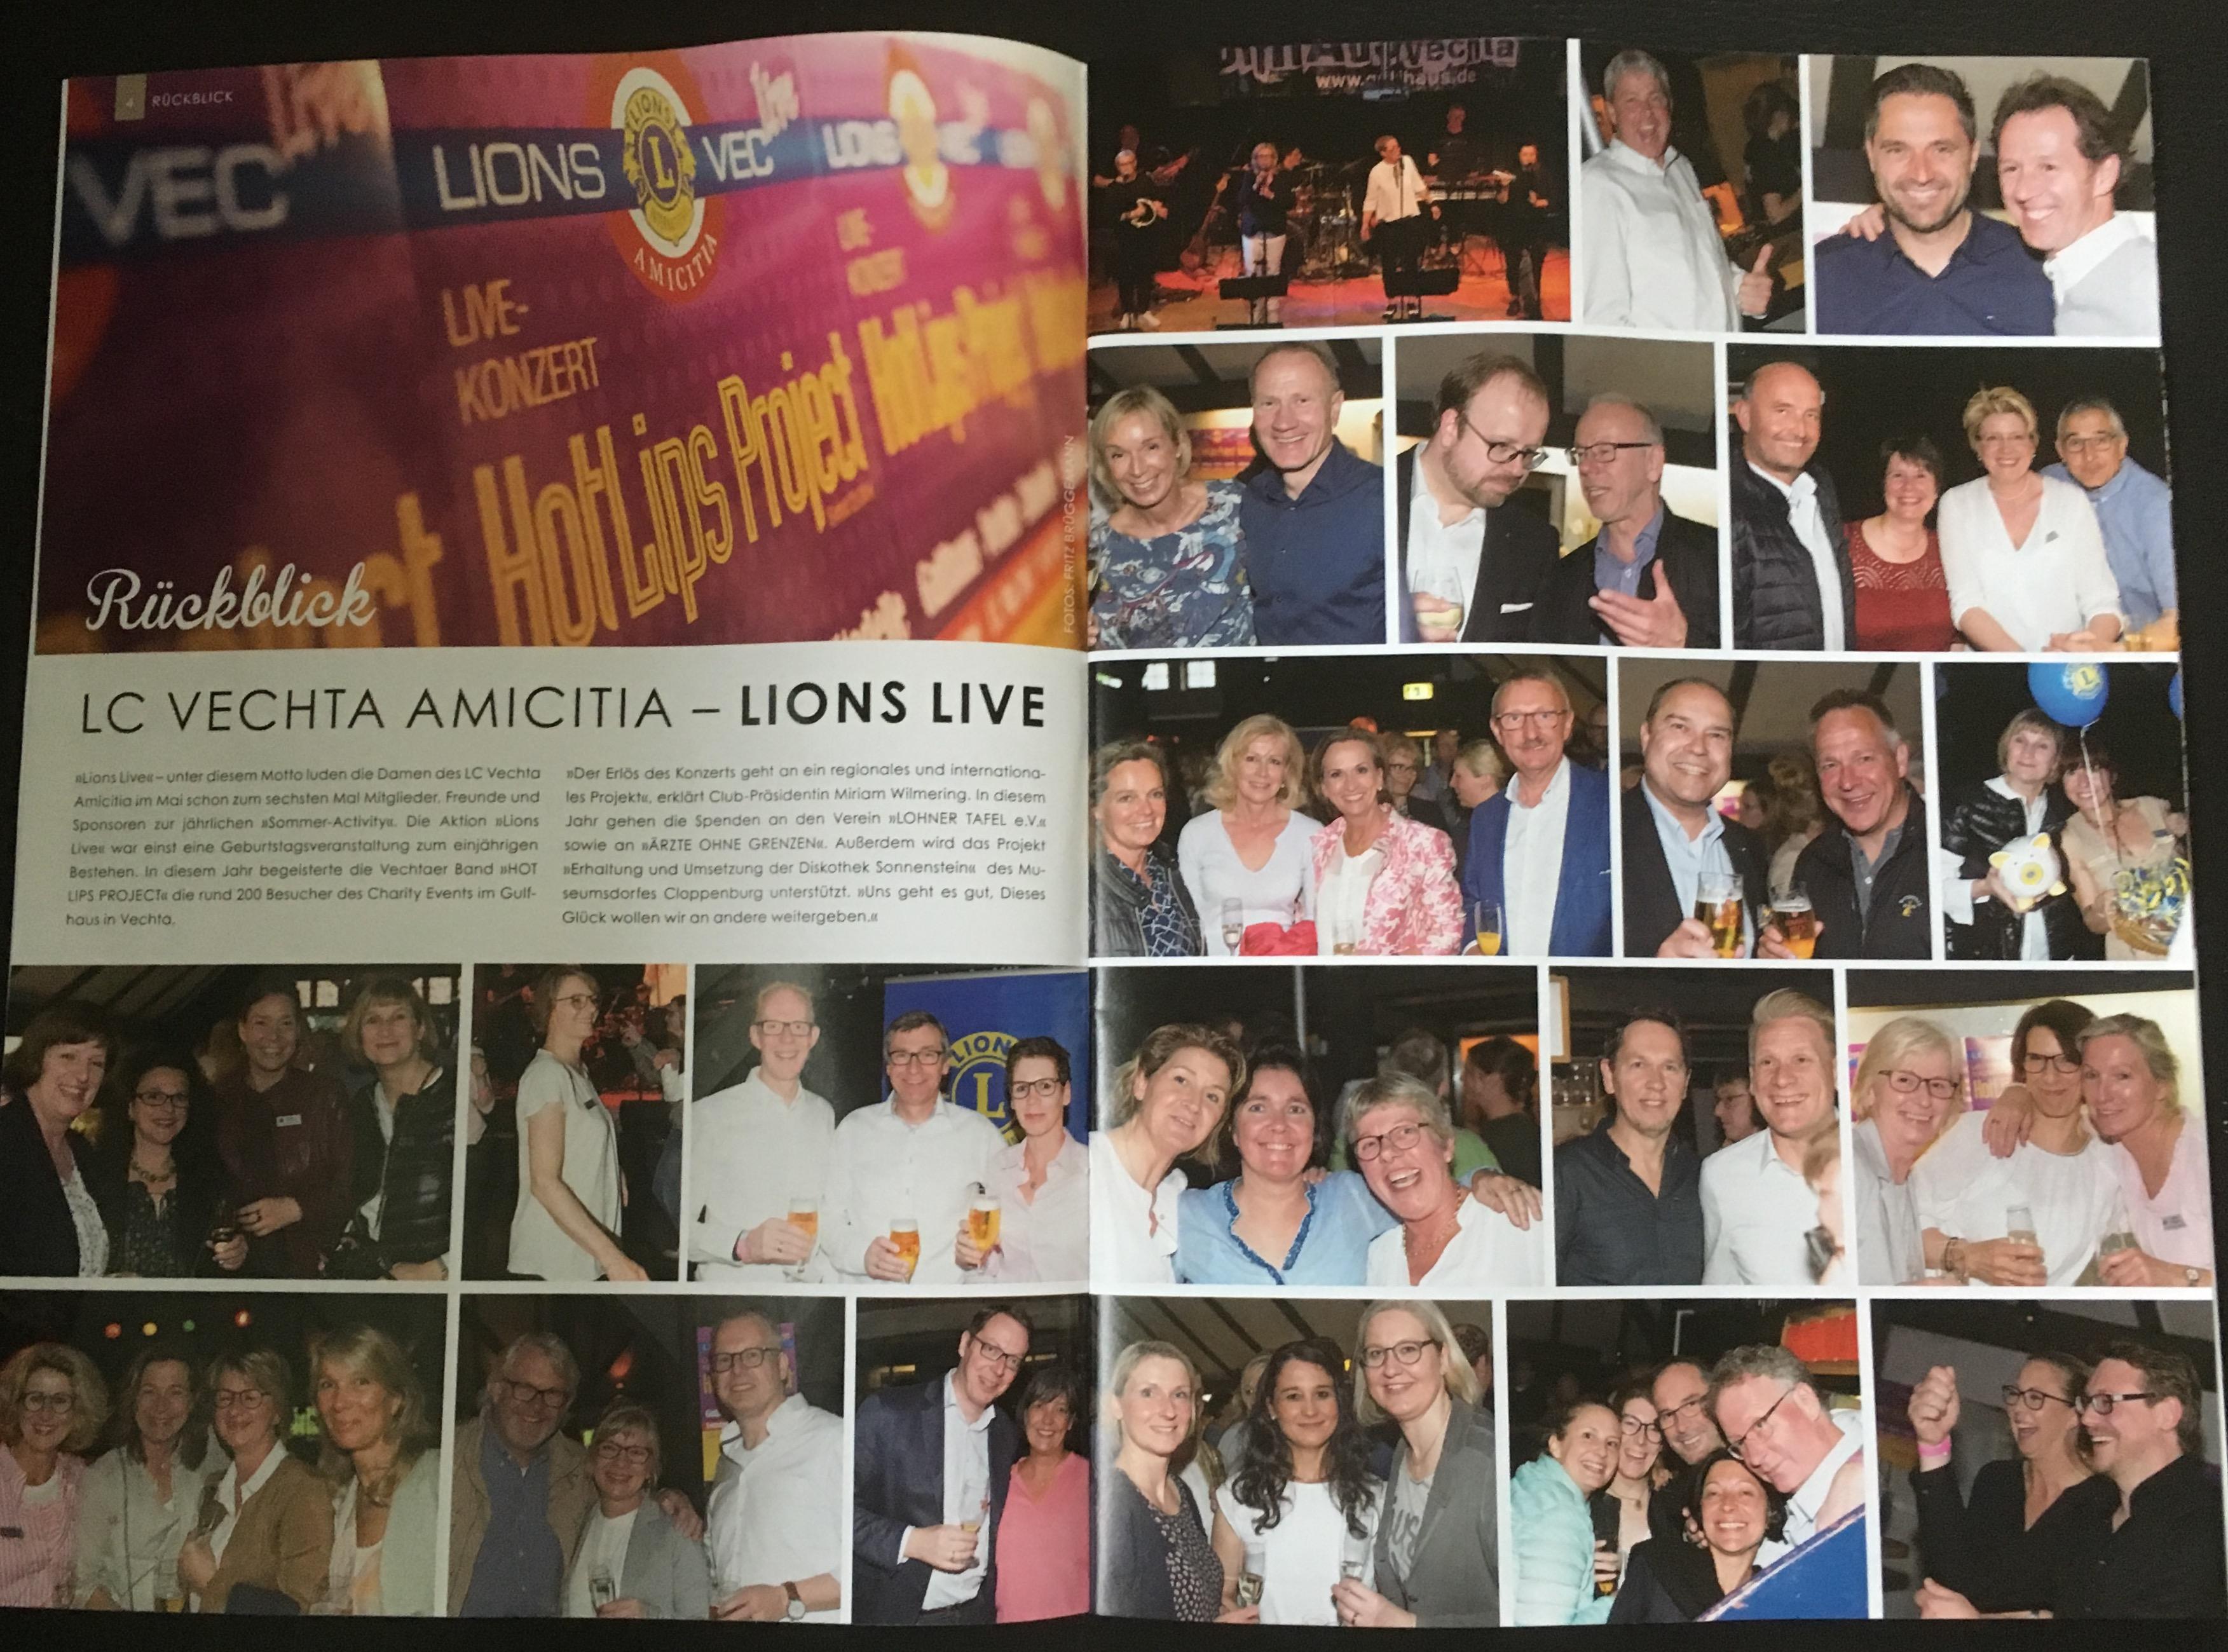 Vechta Amicitia Lions Live Konzert 2015 News Vechta Amicitia